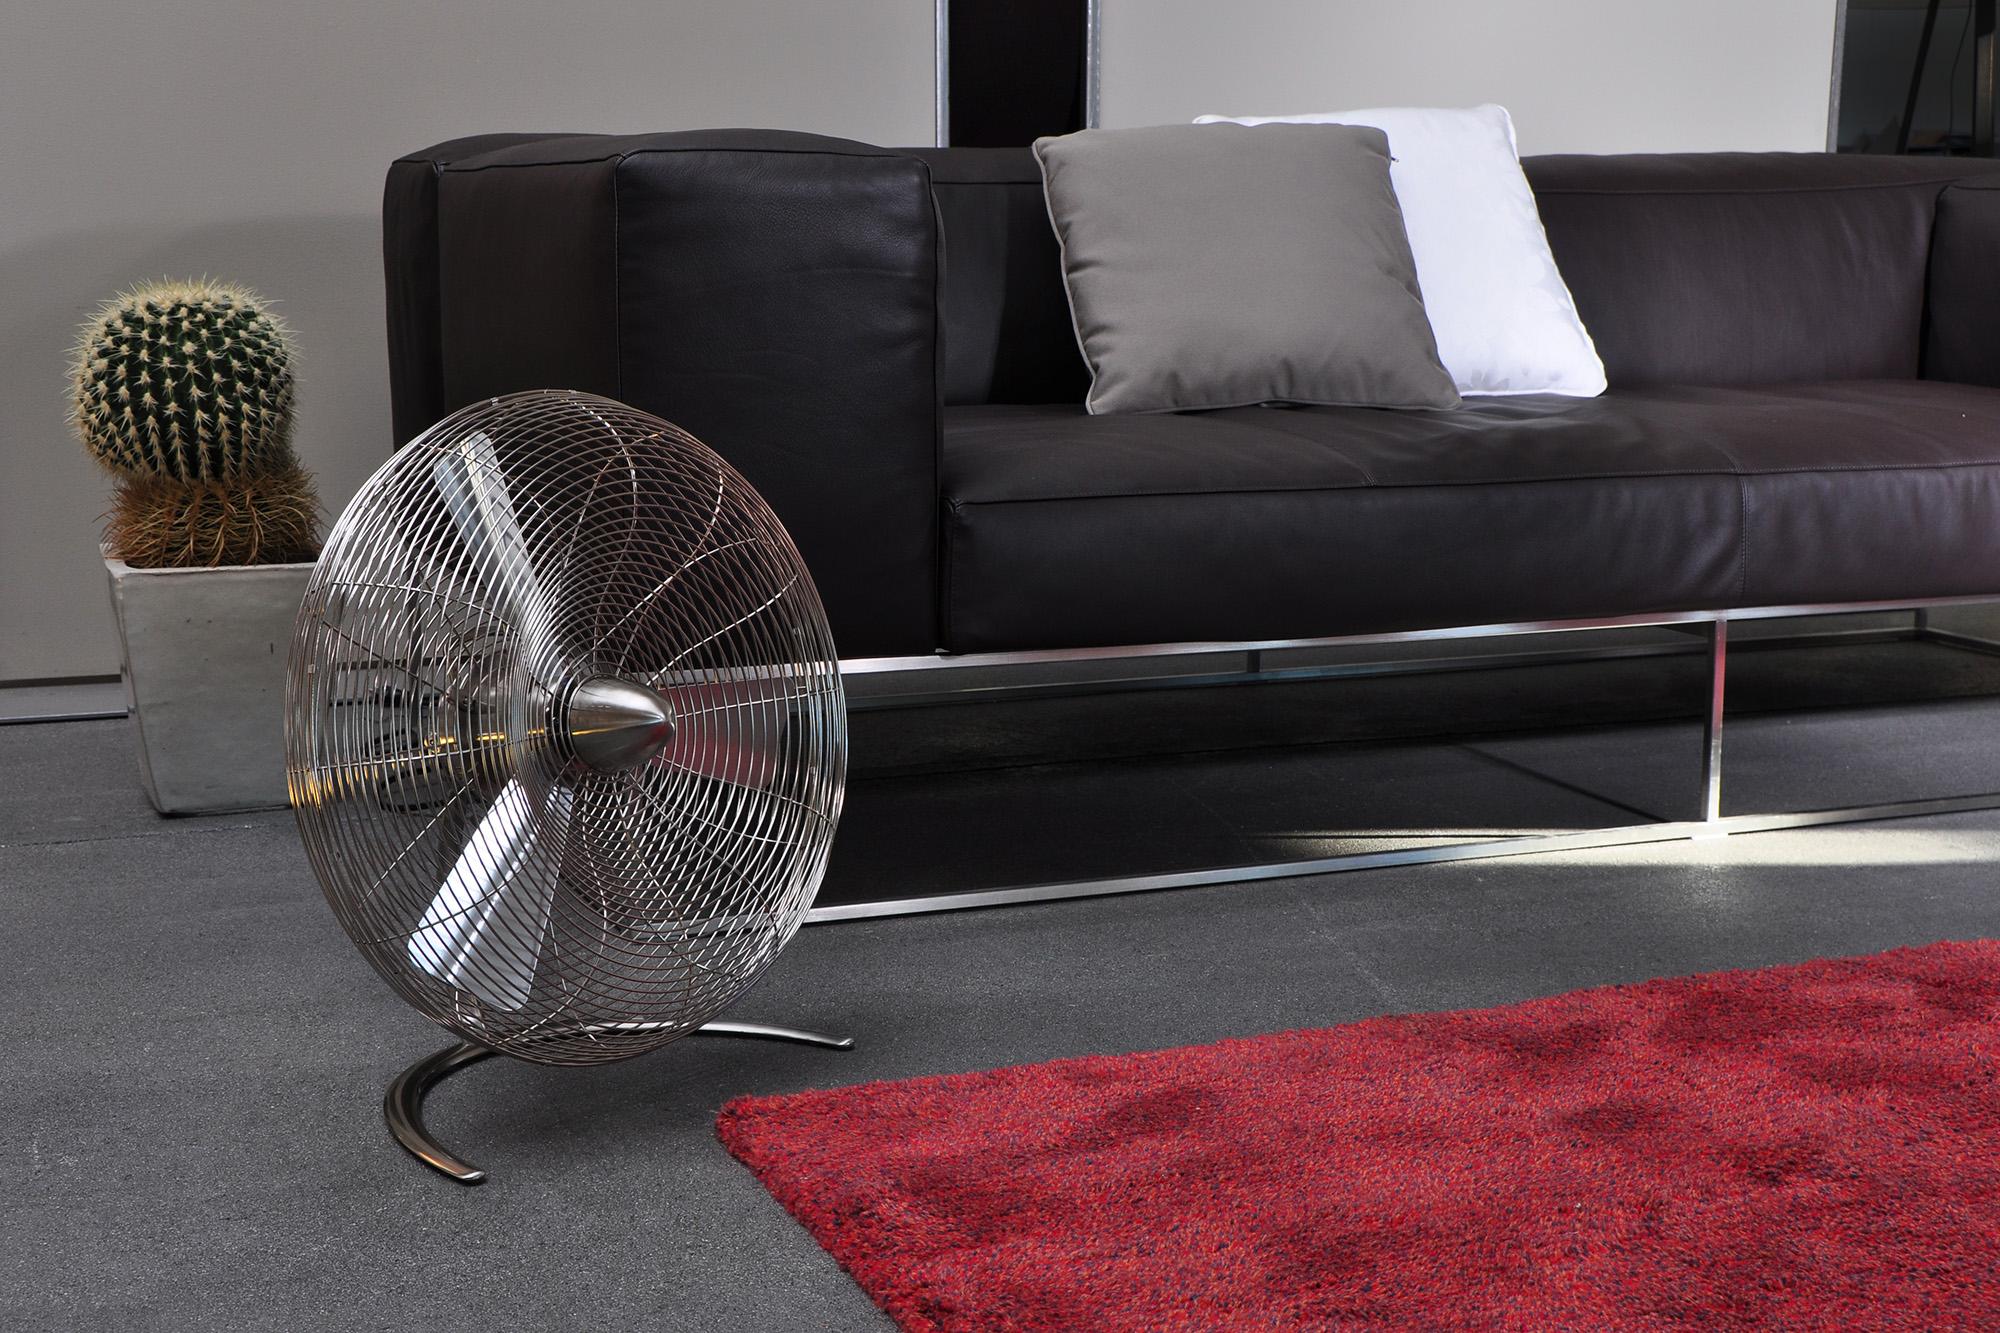 Вентилятор на пол